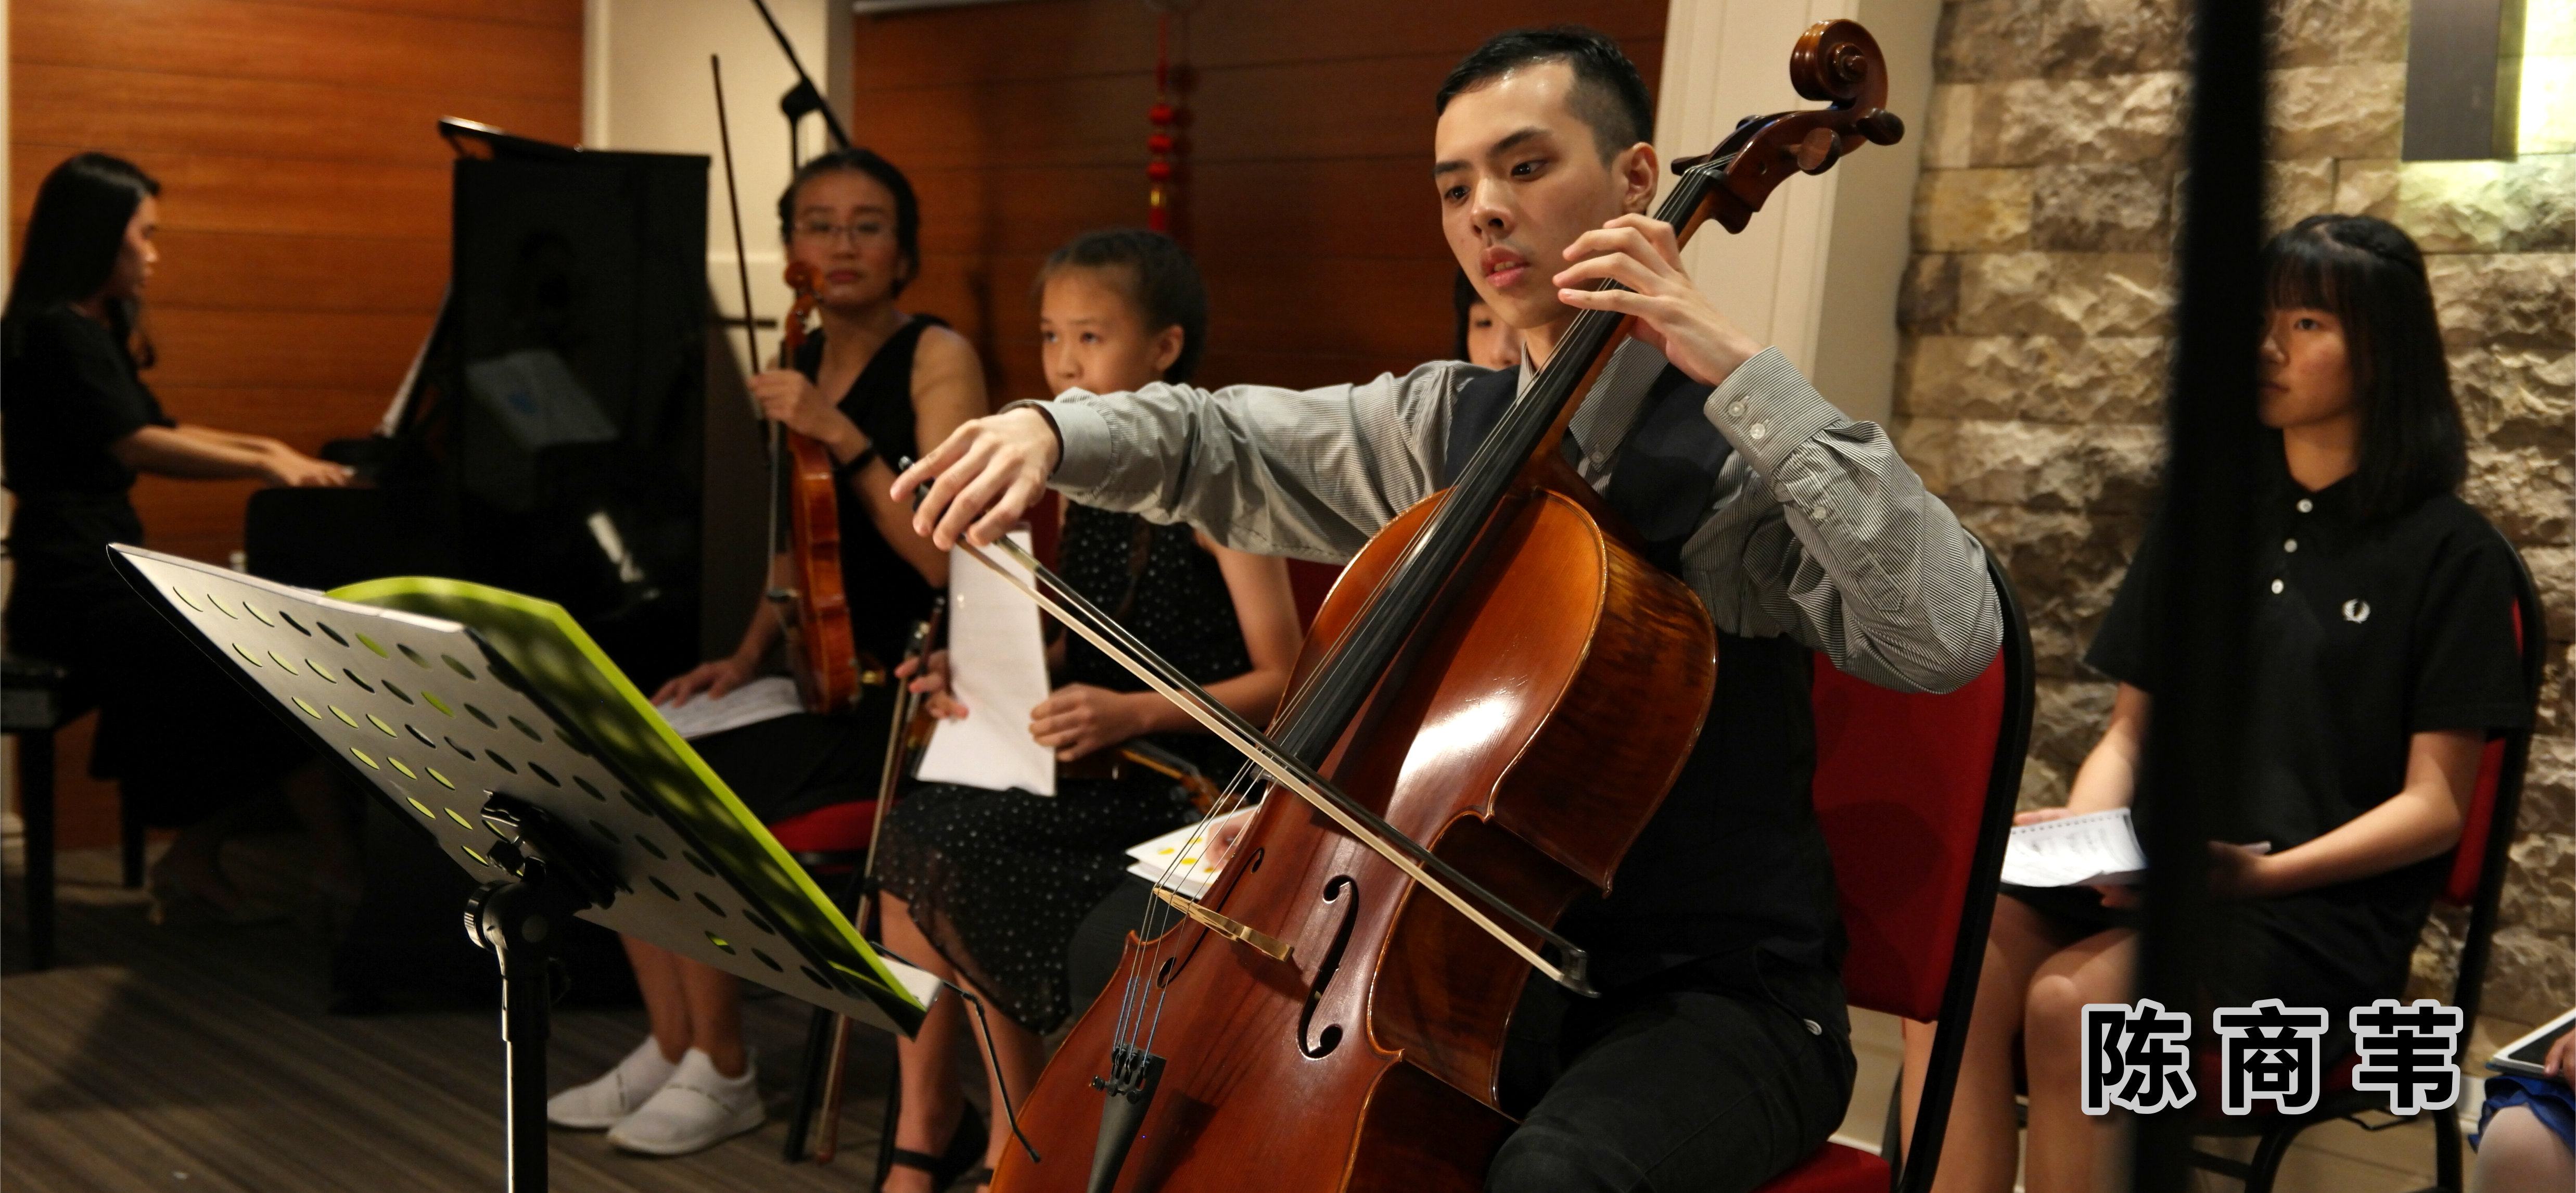 陈商苇 大提琴音乐老师 自闭症青年 生于音乐家庭 出生于马来西亚 柔佛州 新山 陈商苇出师于 New Opera Ltd 音乐总监 以及 Singapore Symphony Orchestra 大提琴家 Chan Wei Shing 先生 A04